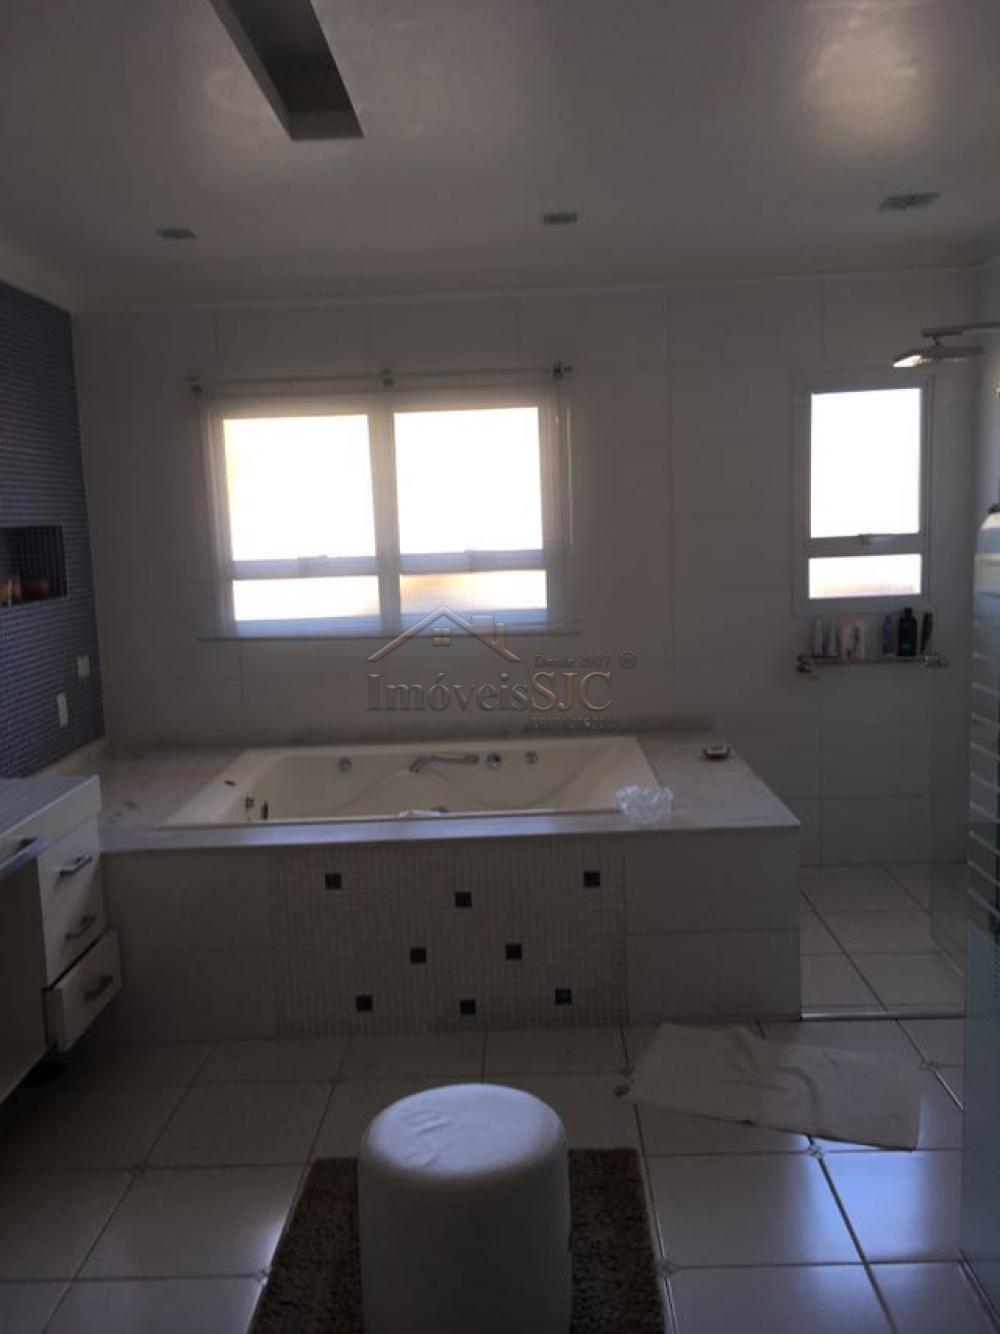 Comprar Casas / Condomínio em Jacareí apenas R$ 3.180.000,00 - Foto 9